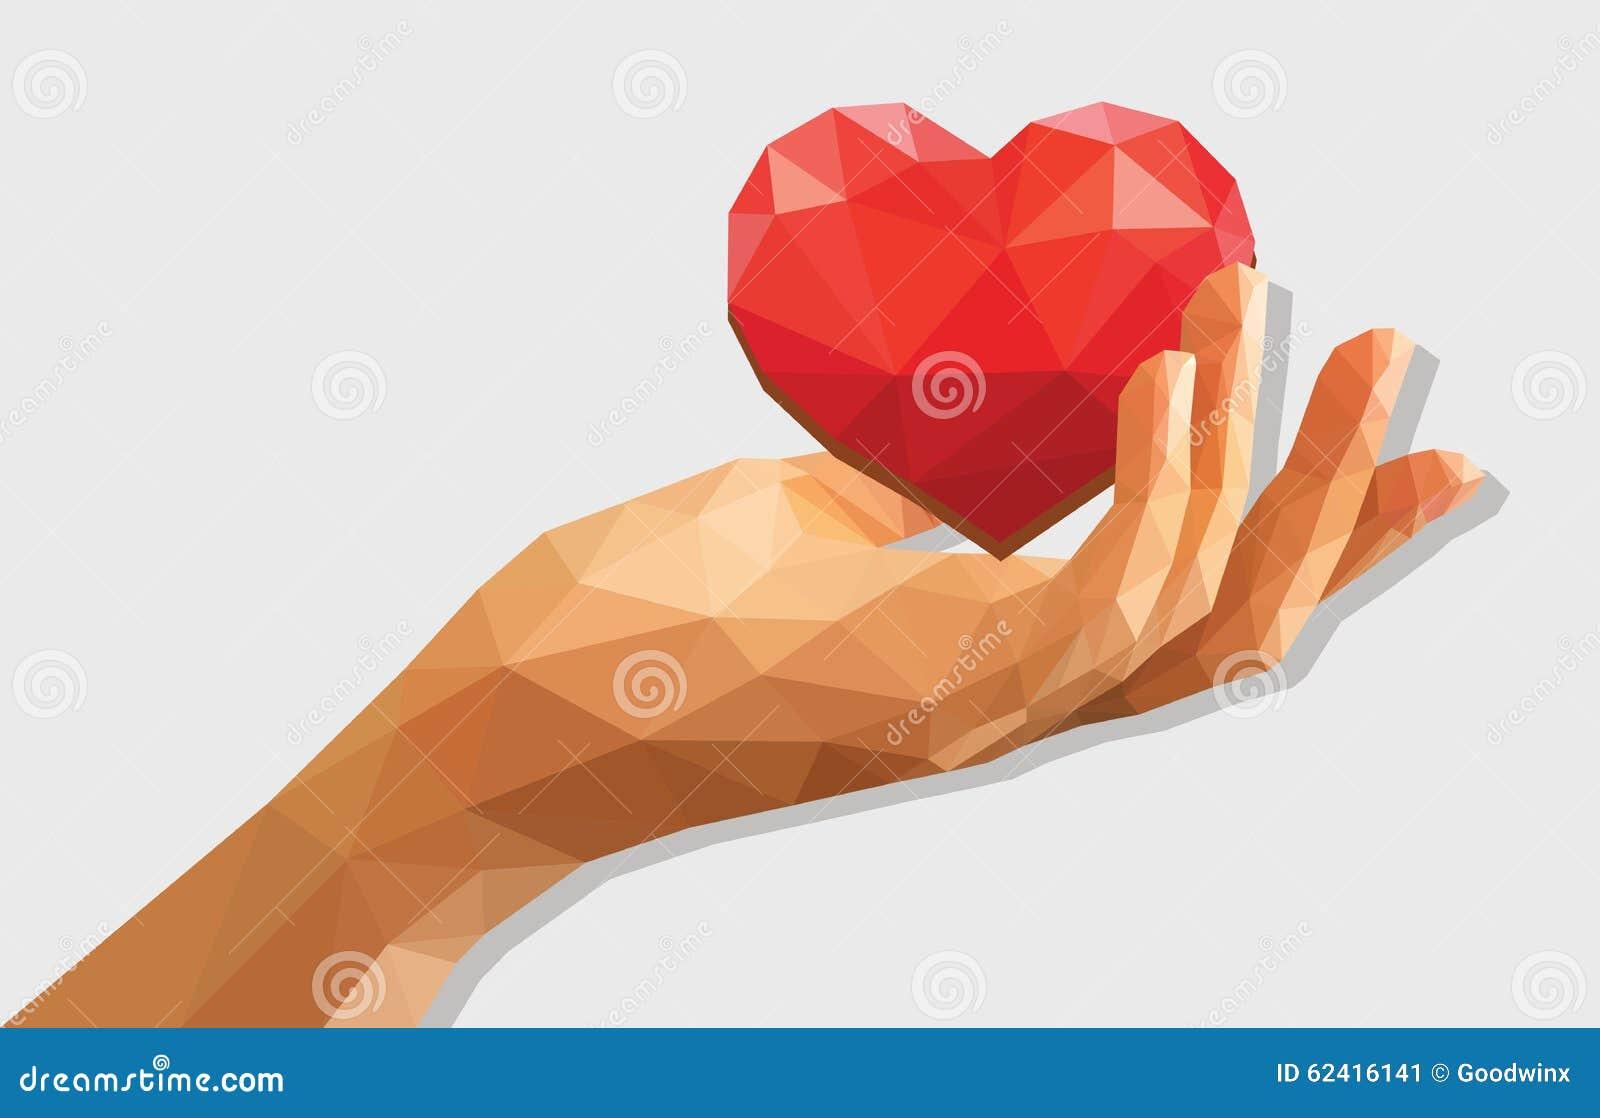 Полигональная низкая поли раскрытая приданная форму чашки левая рука держа сердце